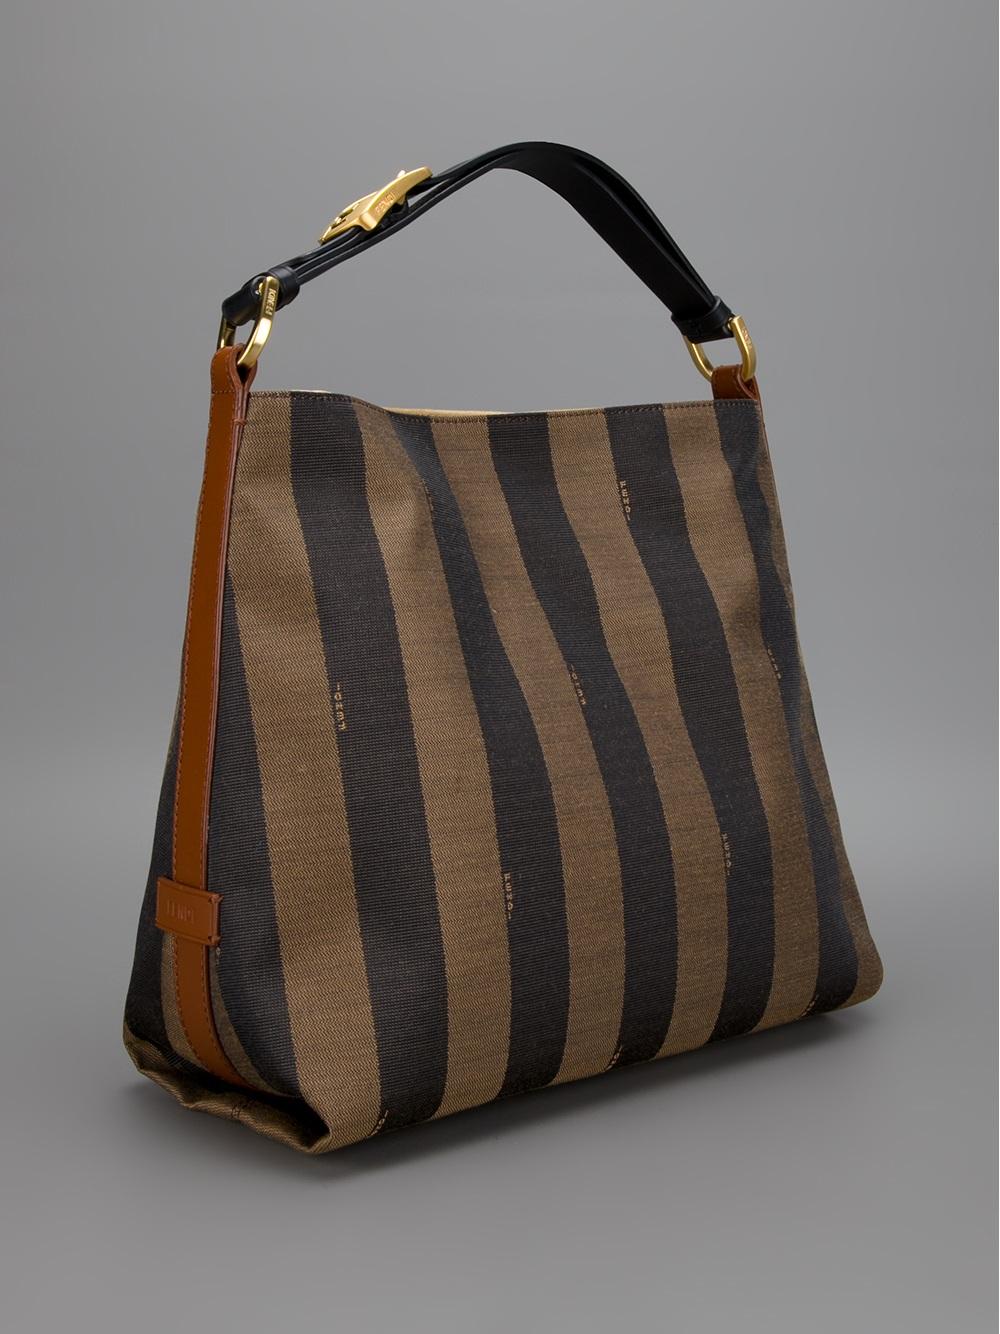 italy lyst fendi striped tote in brown 5e101 346d5 60a856cbe3